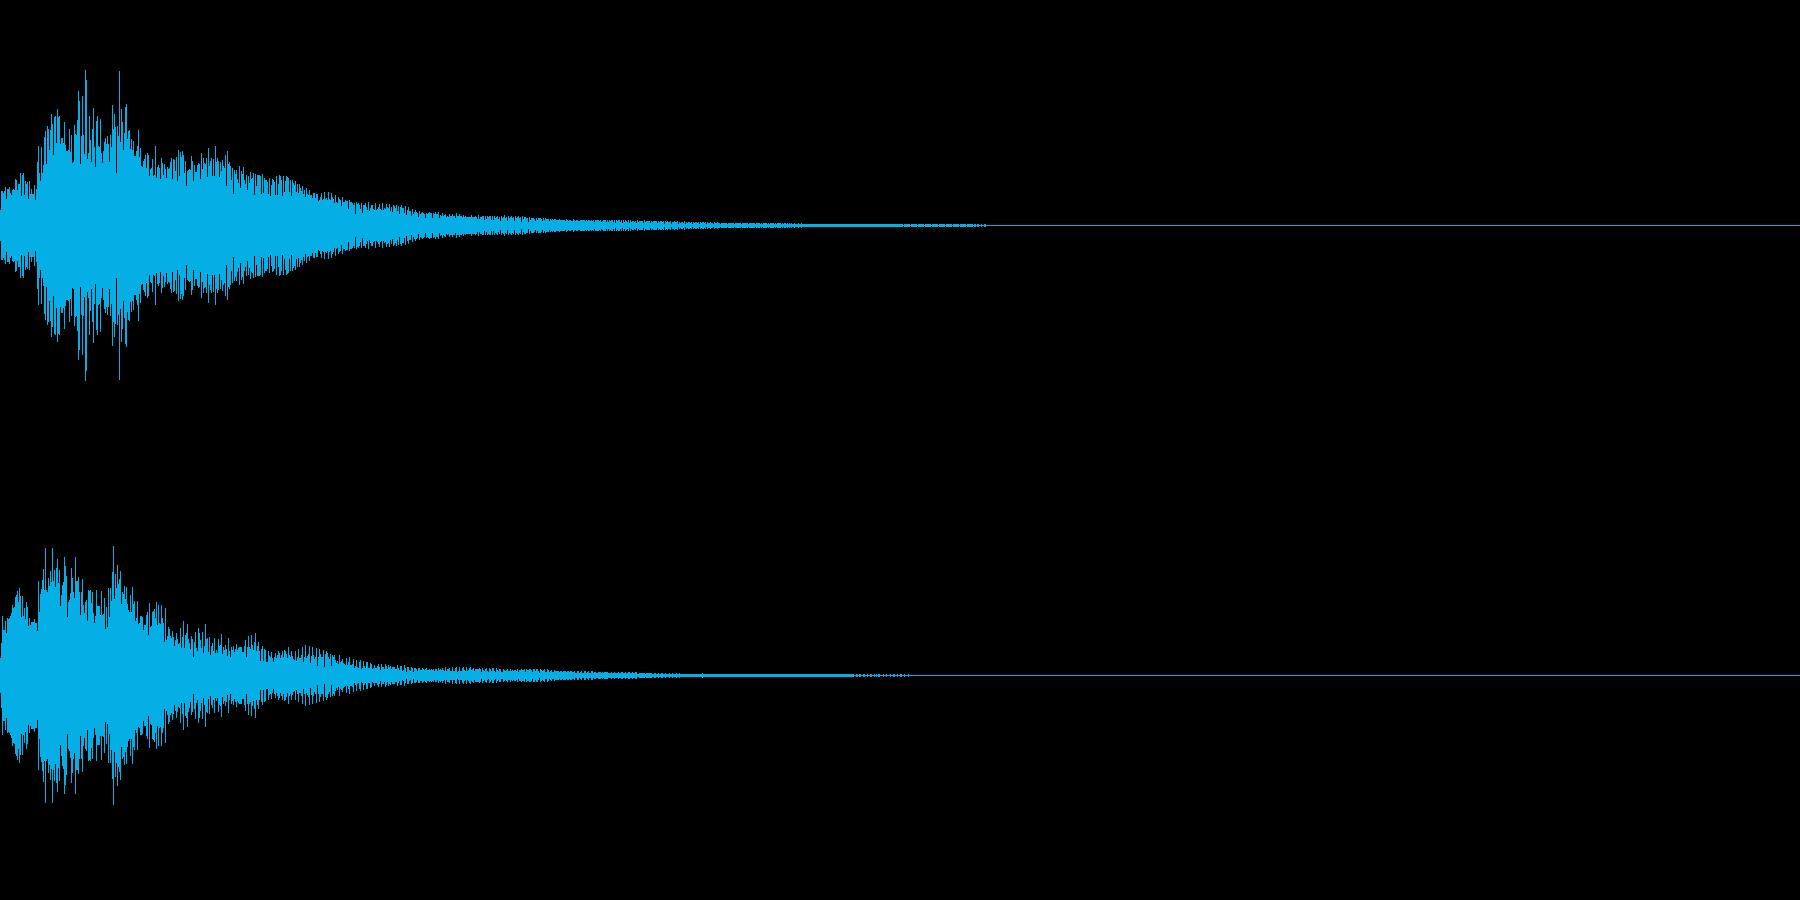 テレレレン 上がる (ゲーム効果音)の再生済みの波形